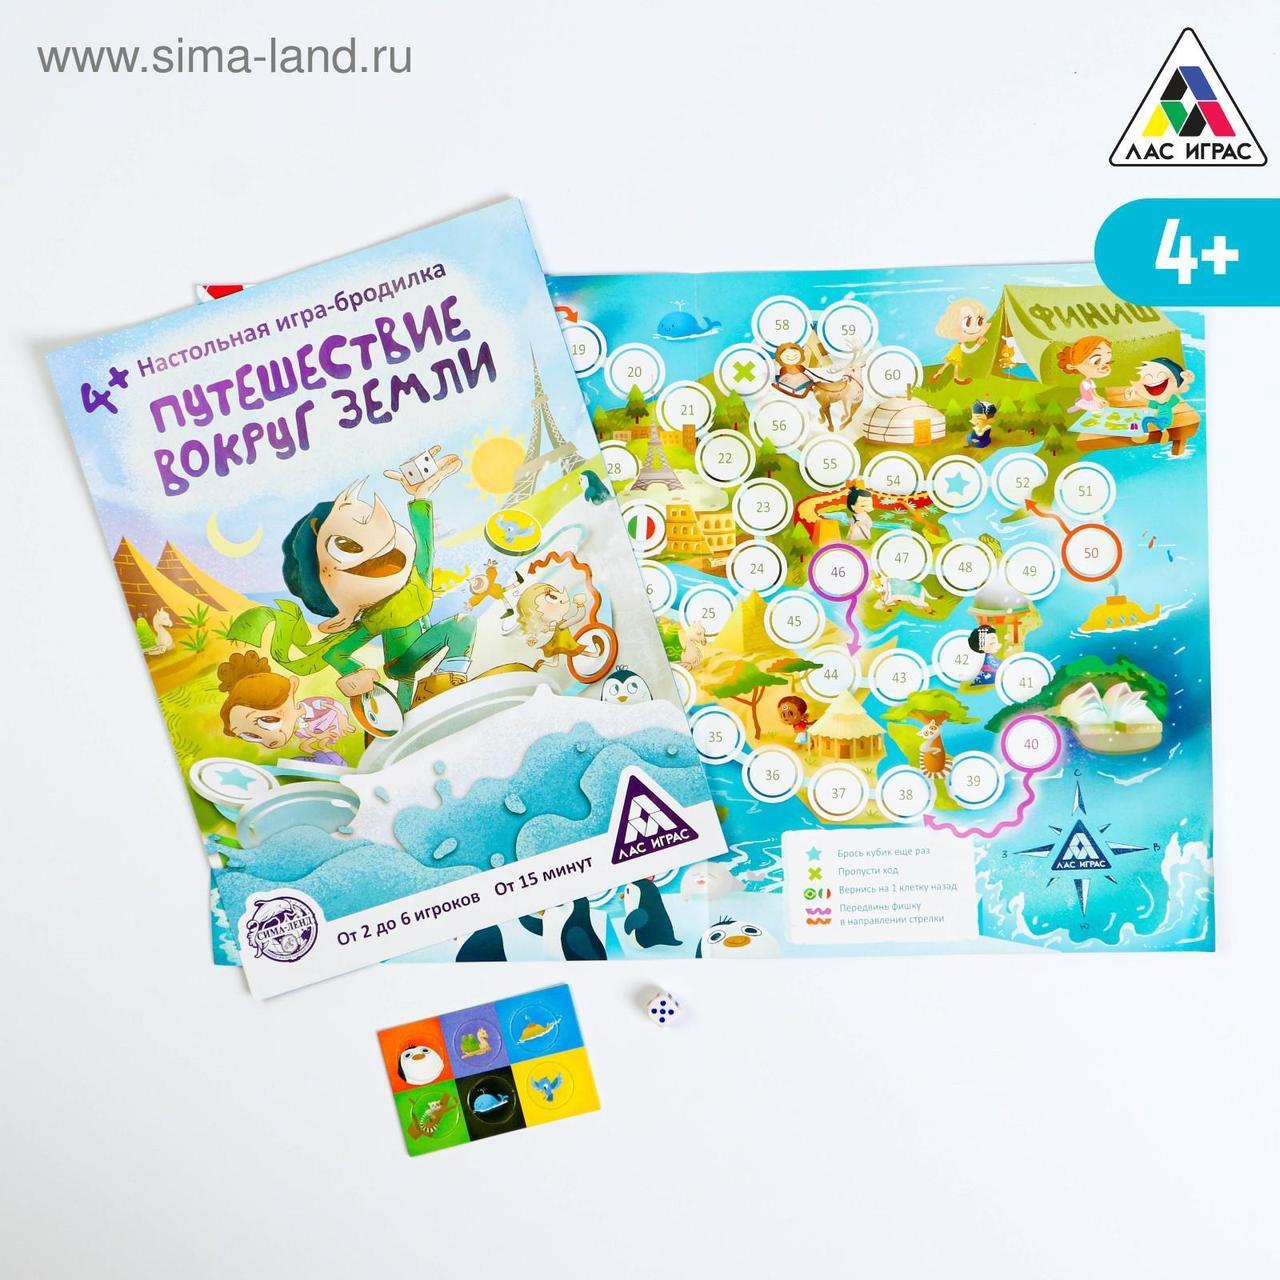 Настольная игра-бродилка «Путешествие вокруг земли», 4+ 30*21см